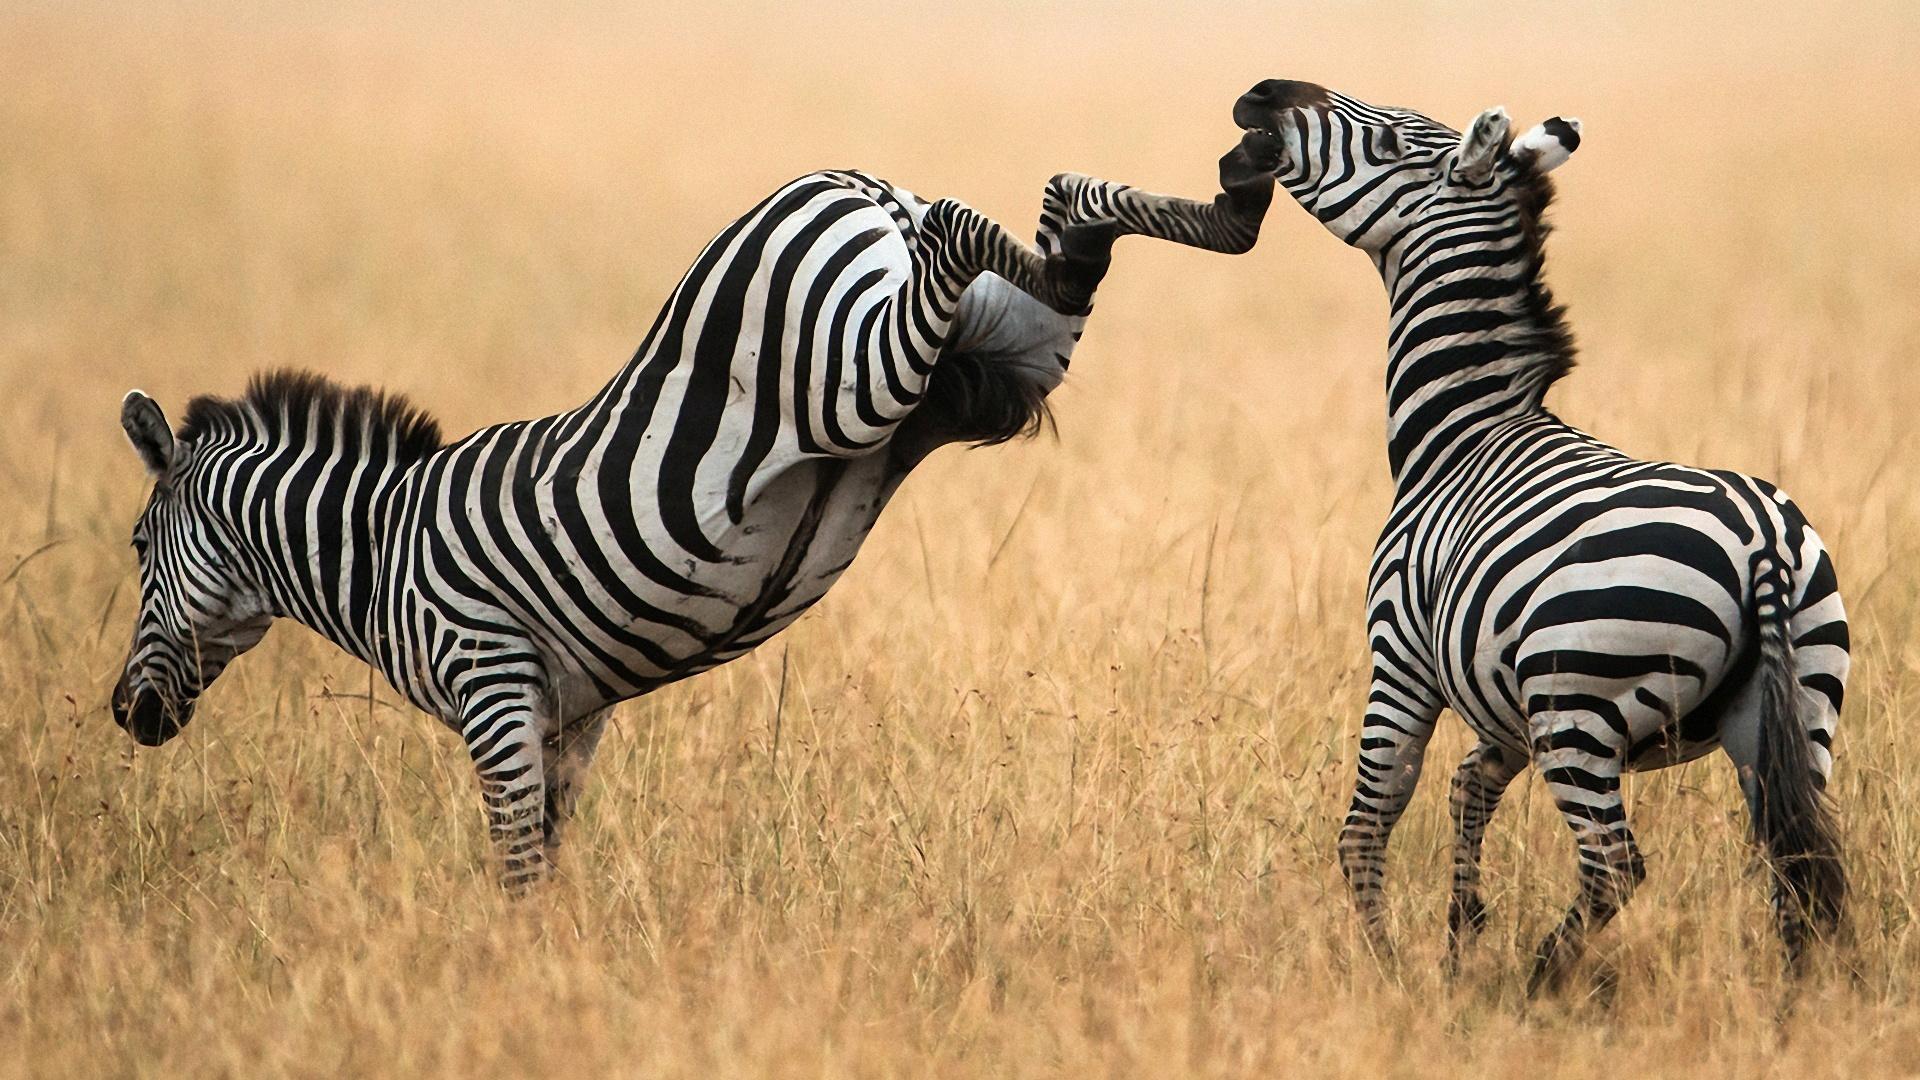 покажи картинки зебры как ее любить а не говори хорошего делают для